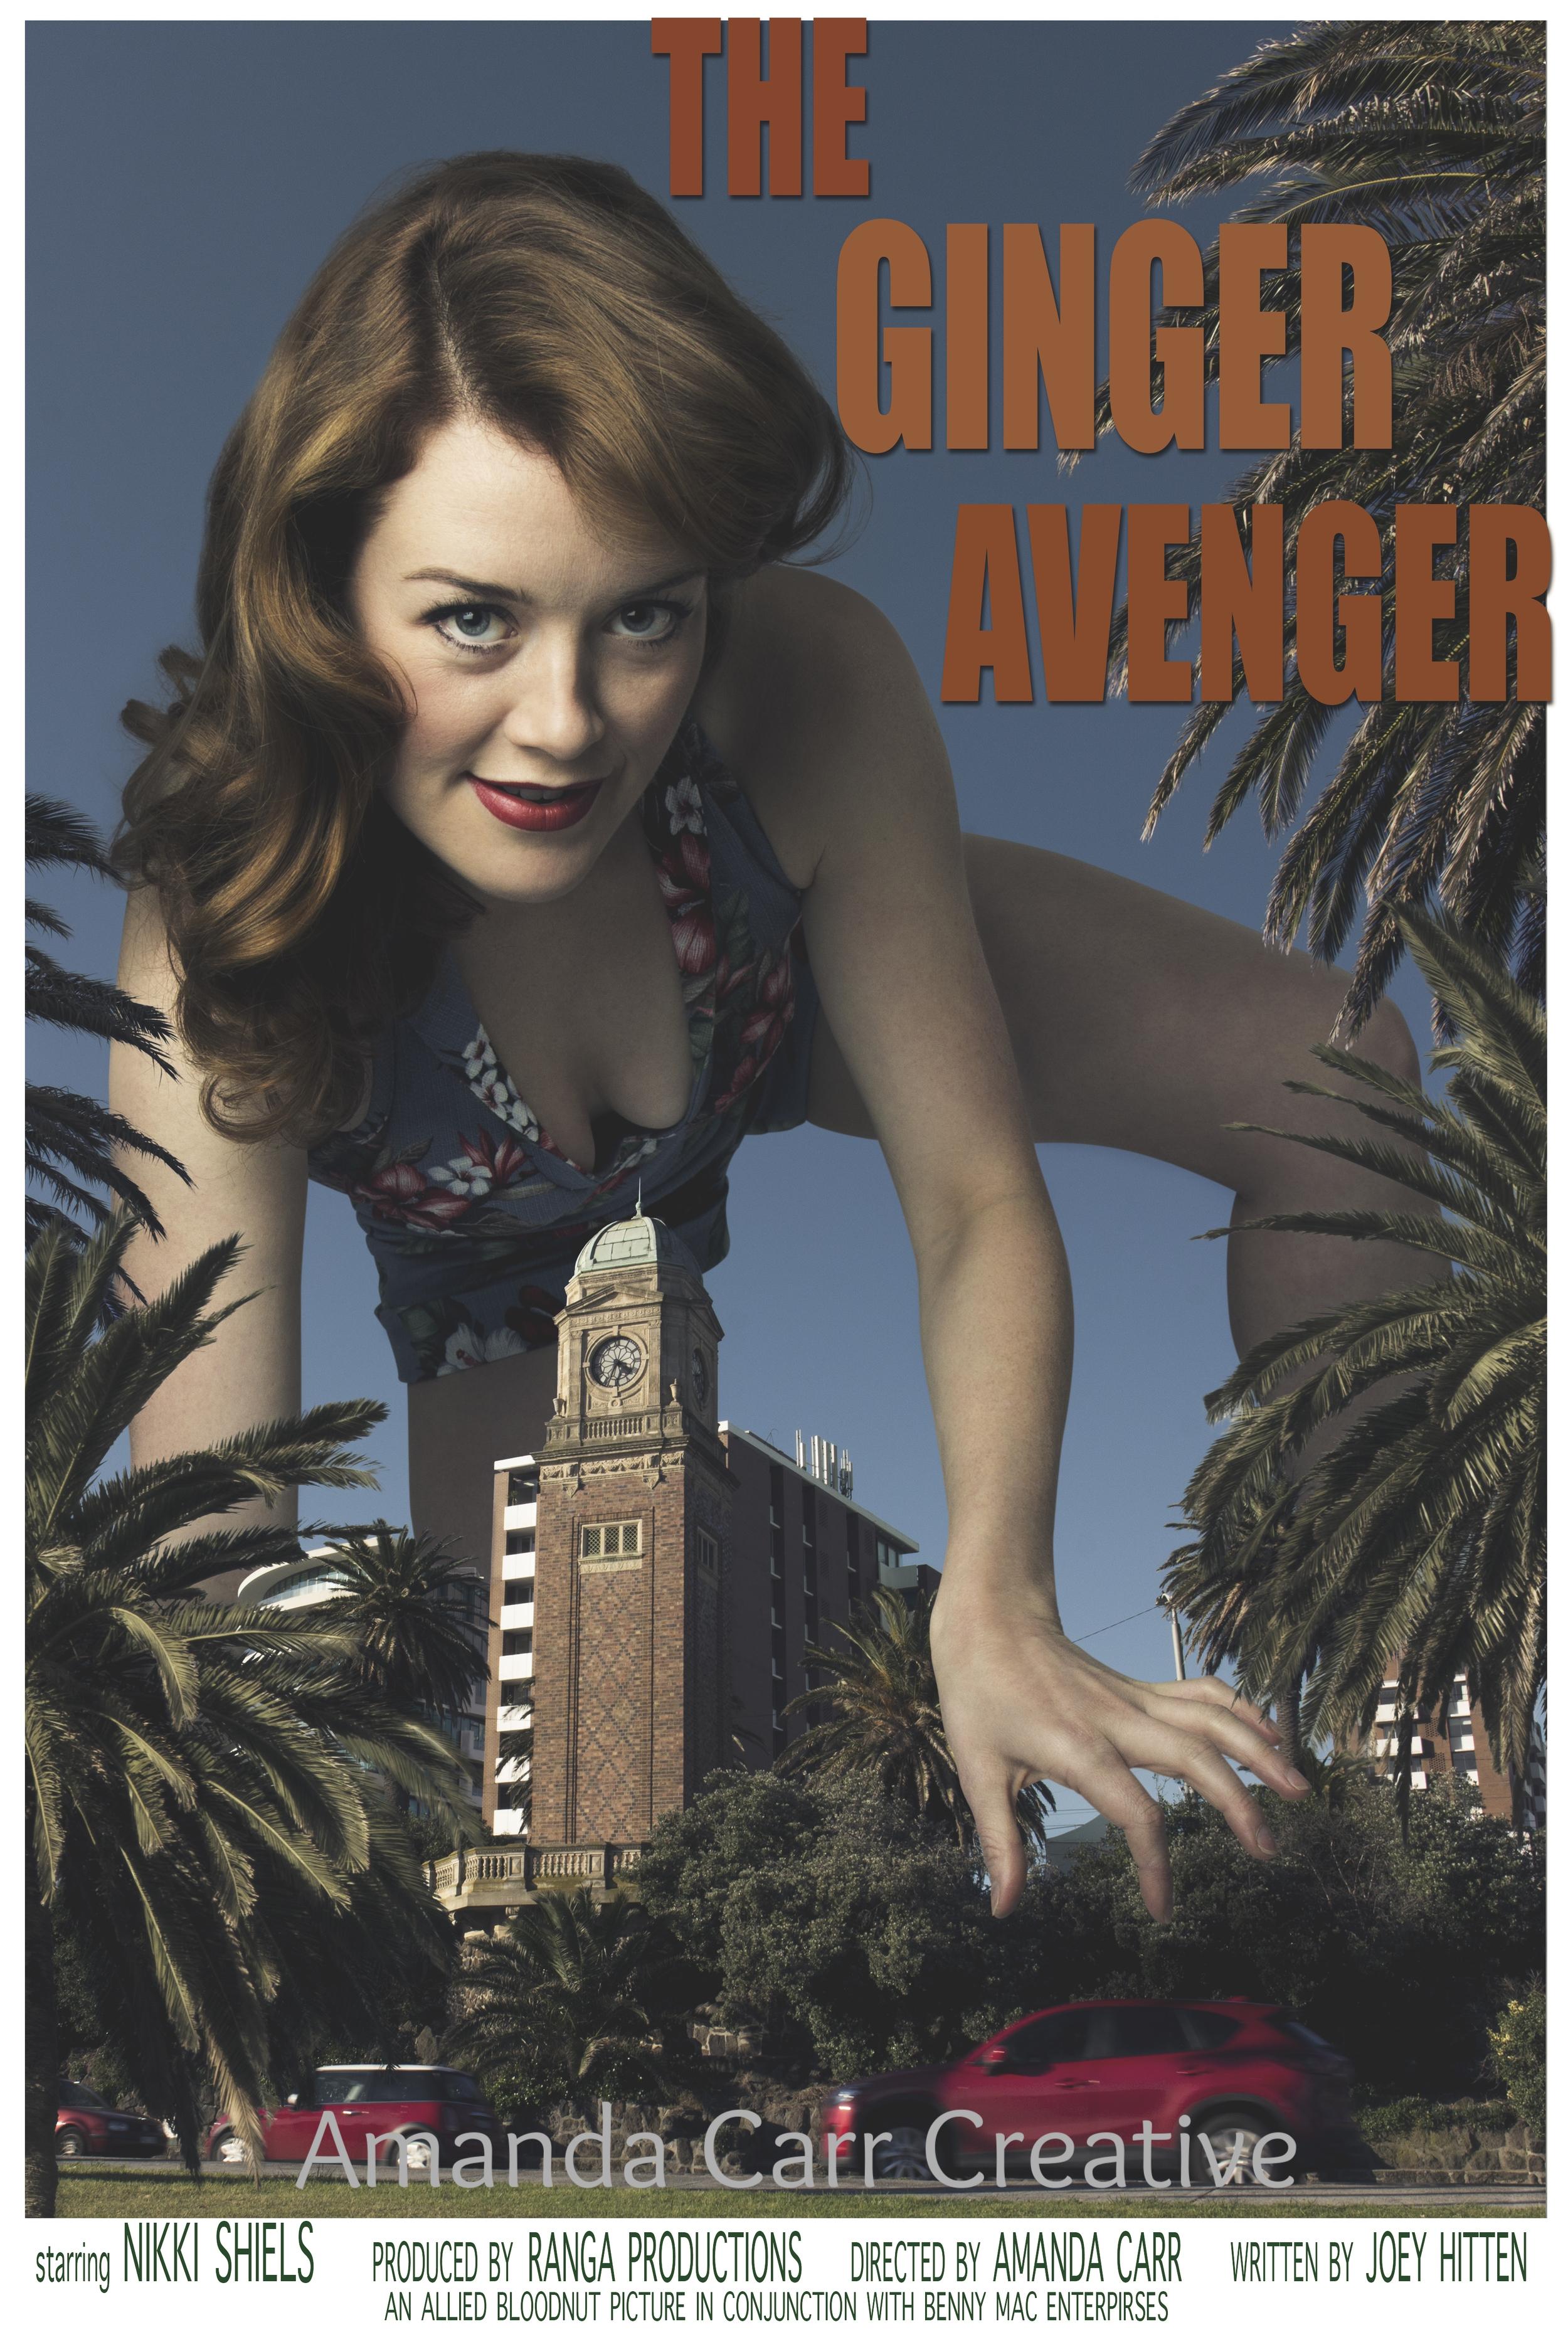 The Ginger Avenger